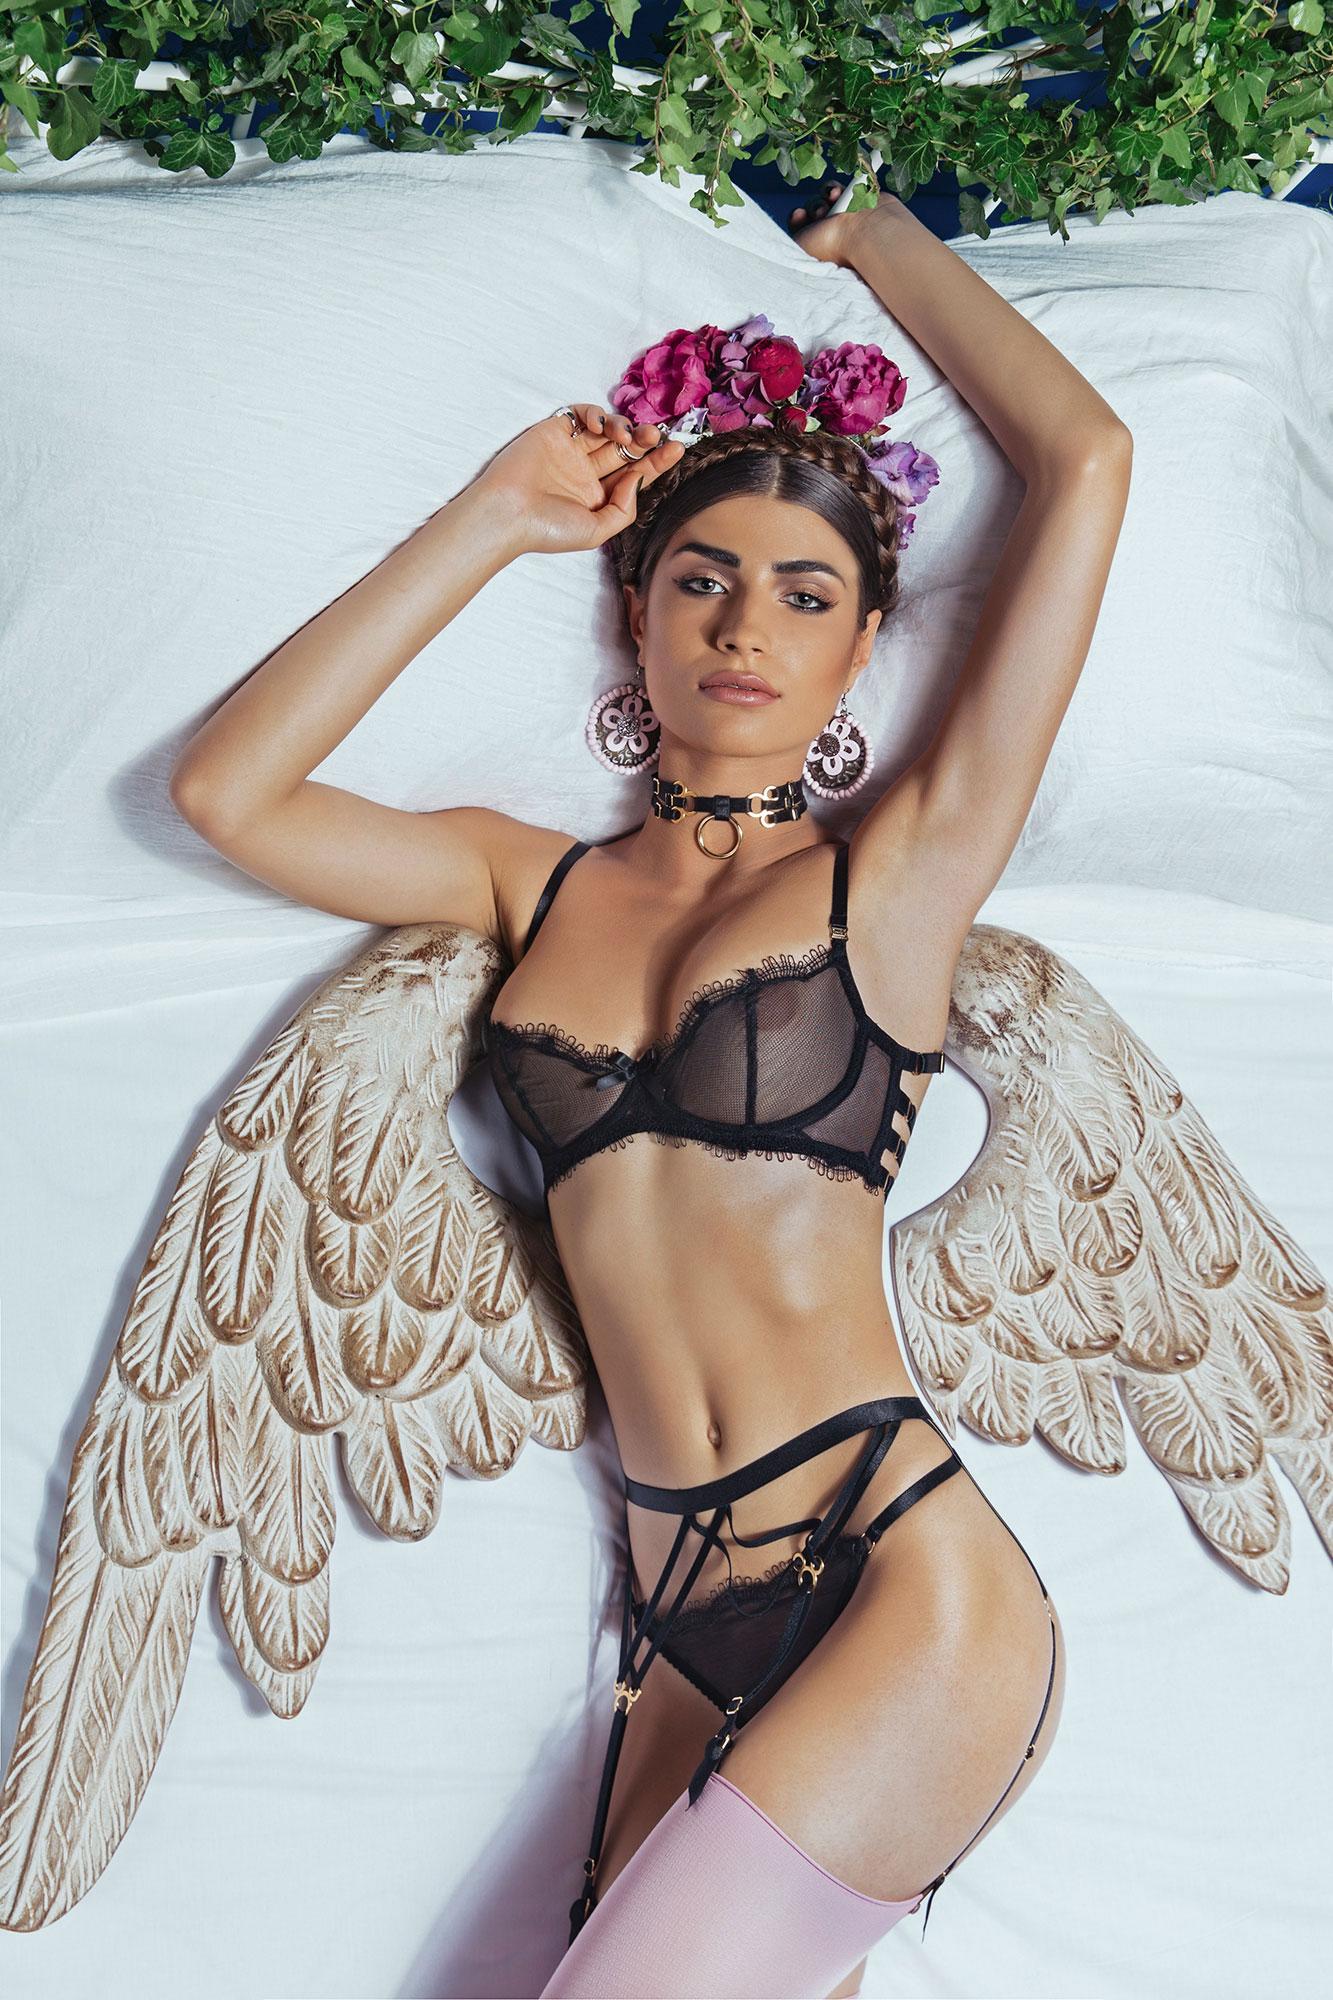 Bordelle lingerie, ss16